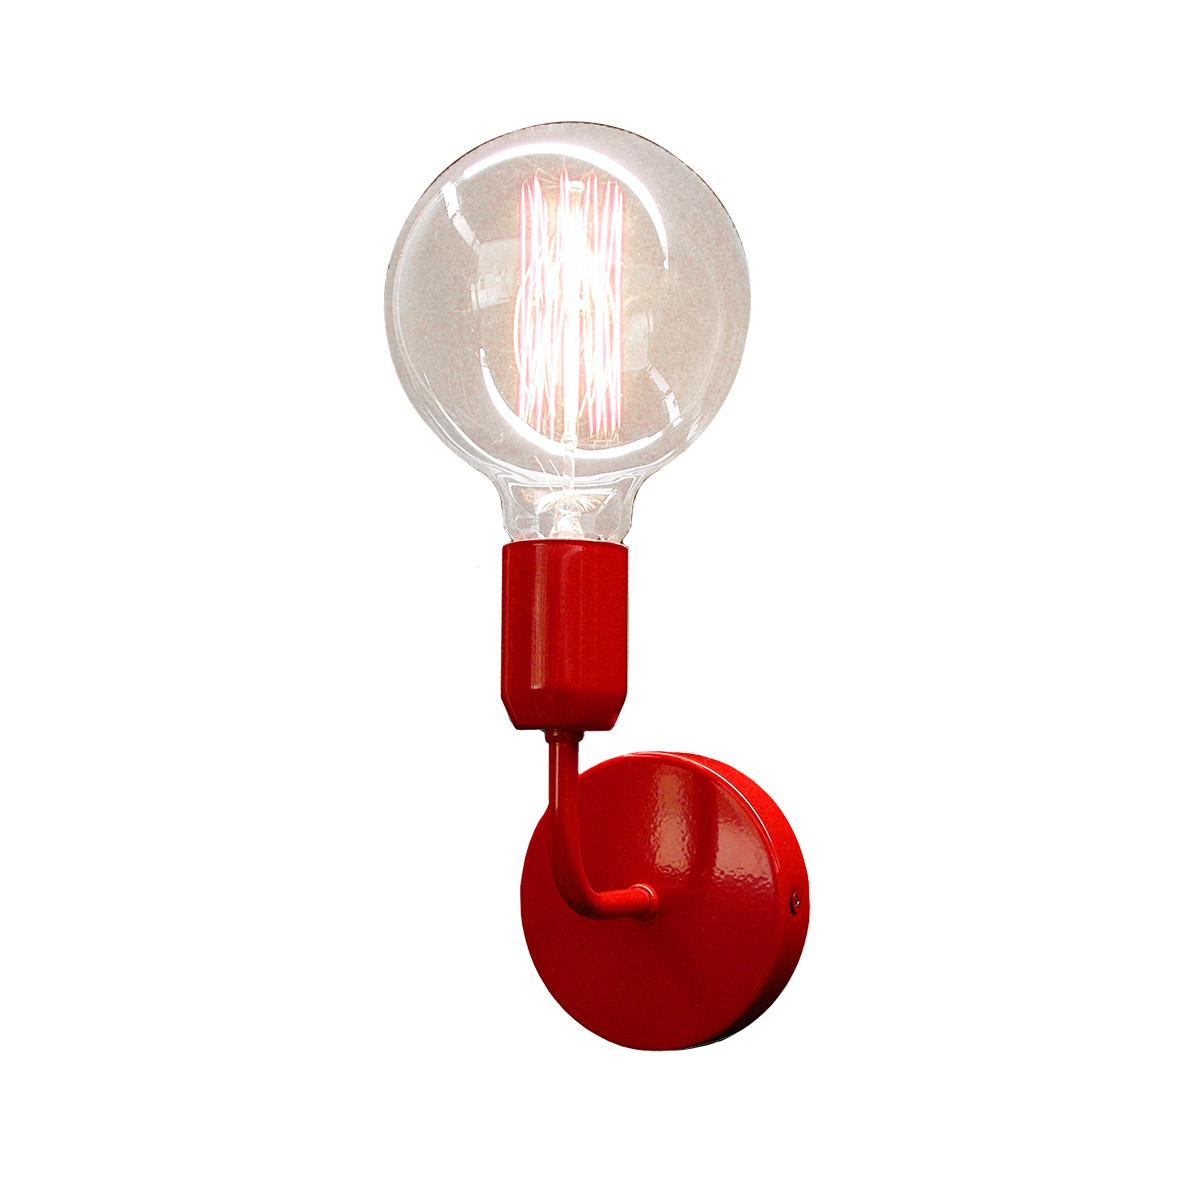 Κόκκινο φωτιστικό τοίχου ΛΑΜΠΕΣ red wall lamp